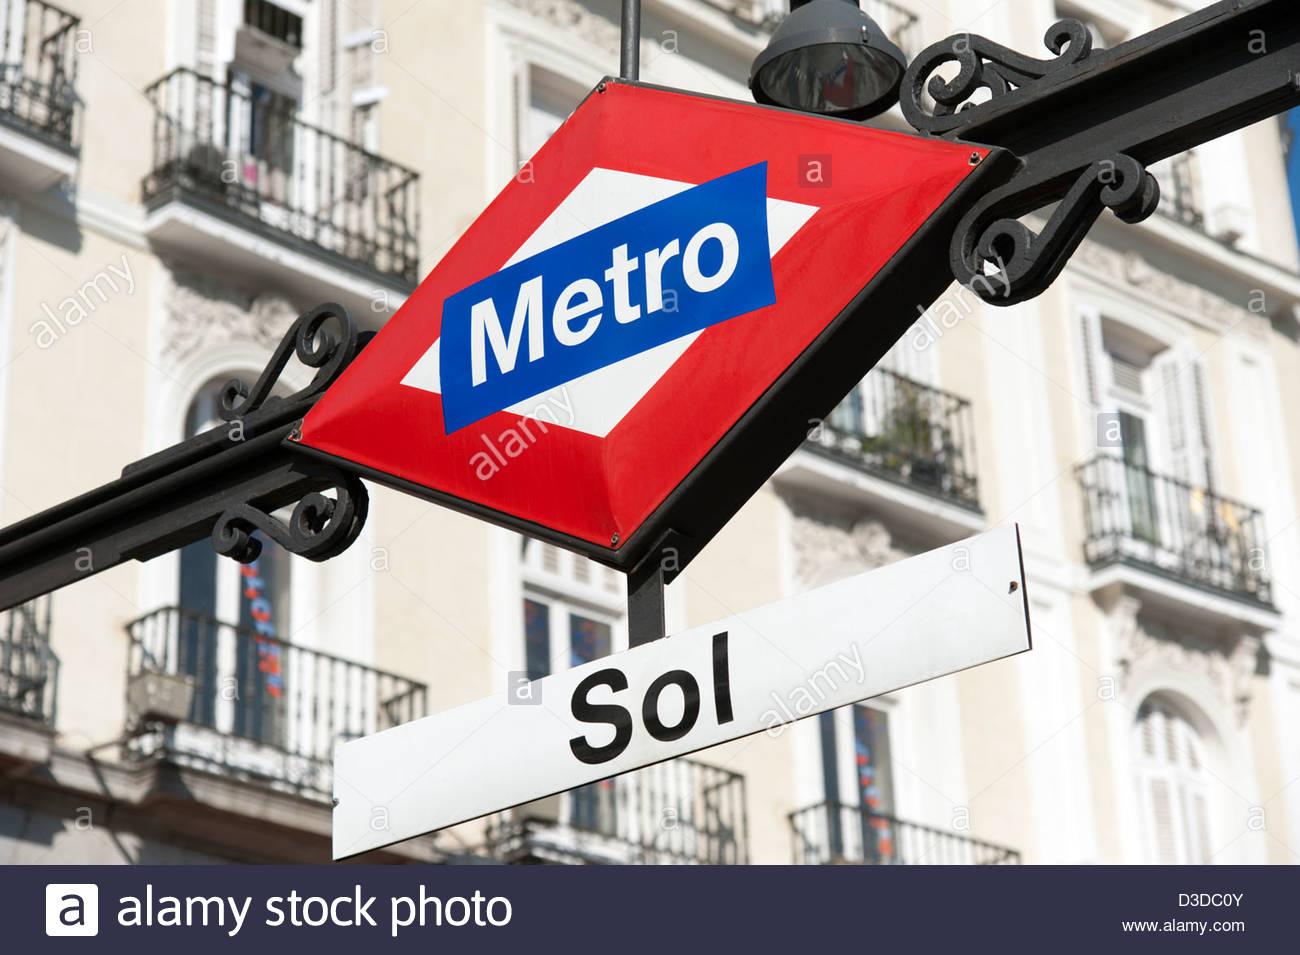 La station de métro Sol signe, Madrid, Espagne Photo Stock